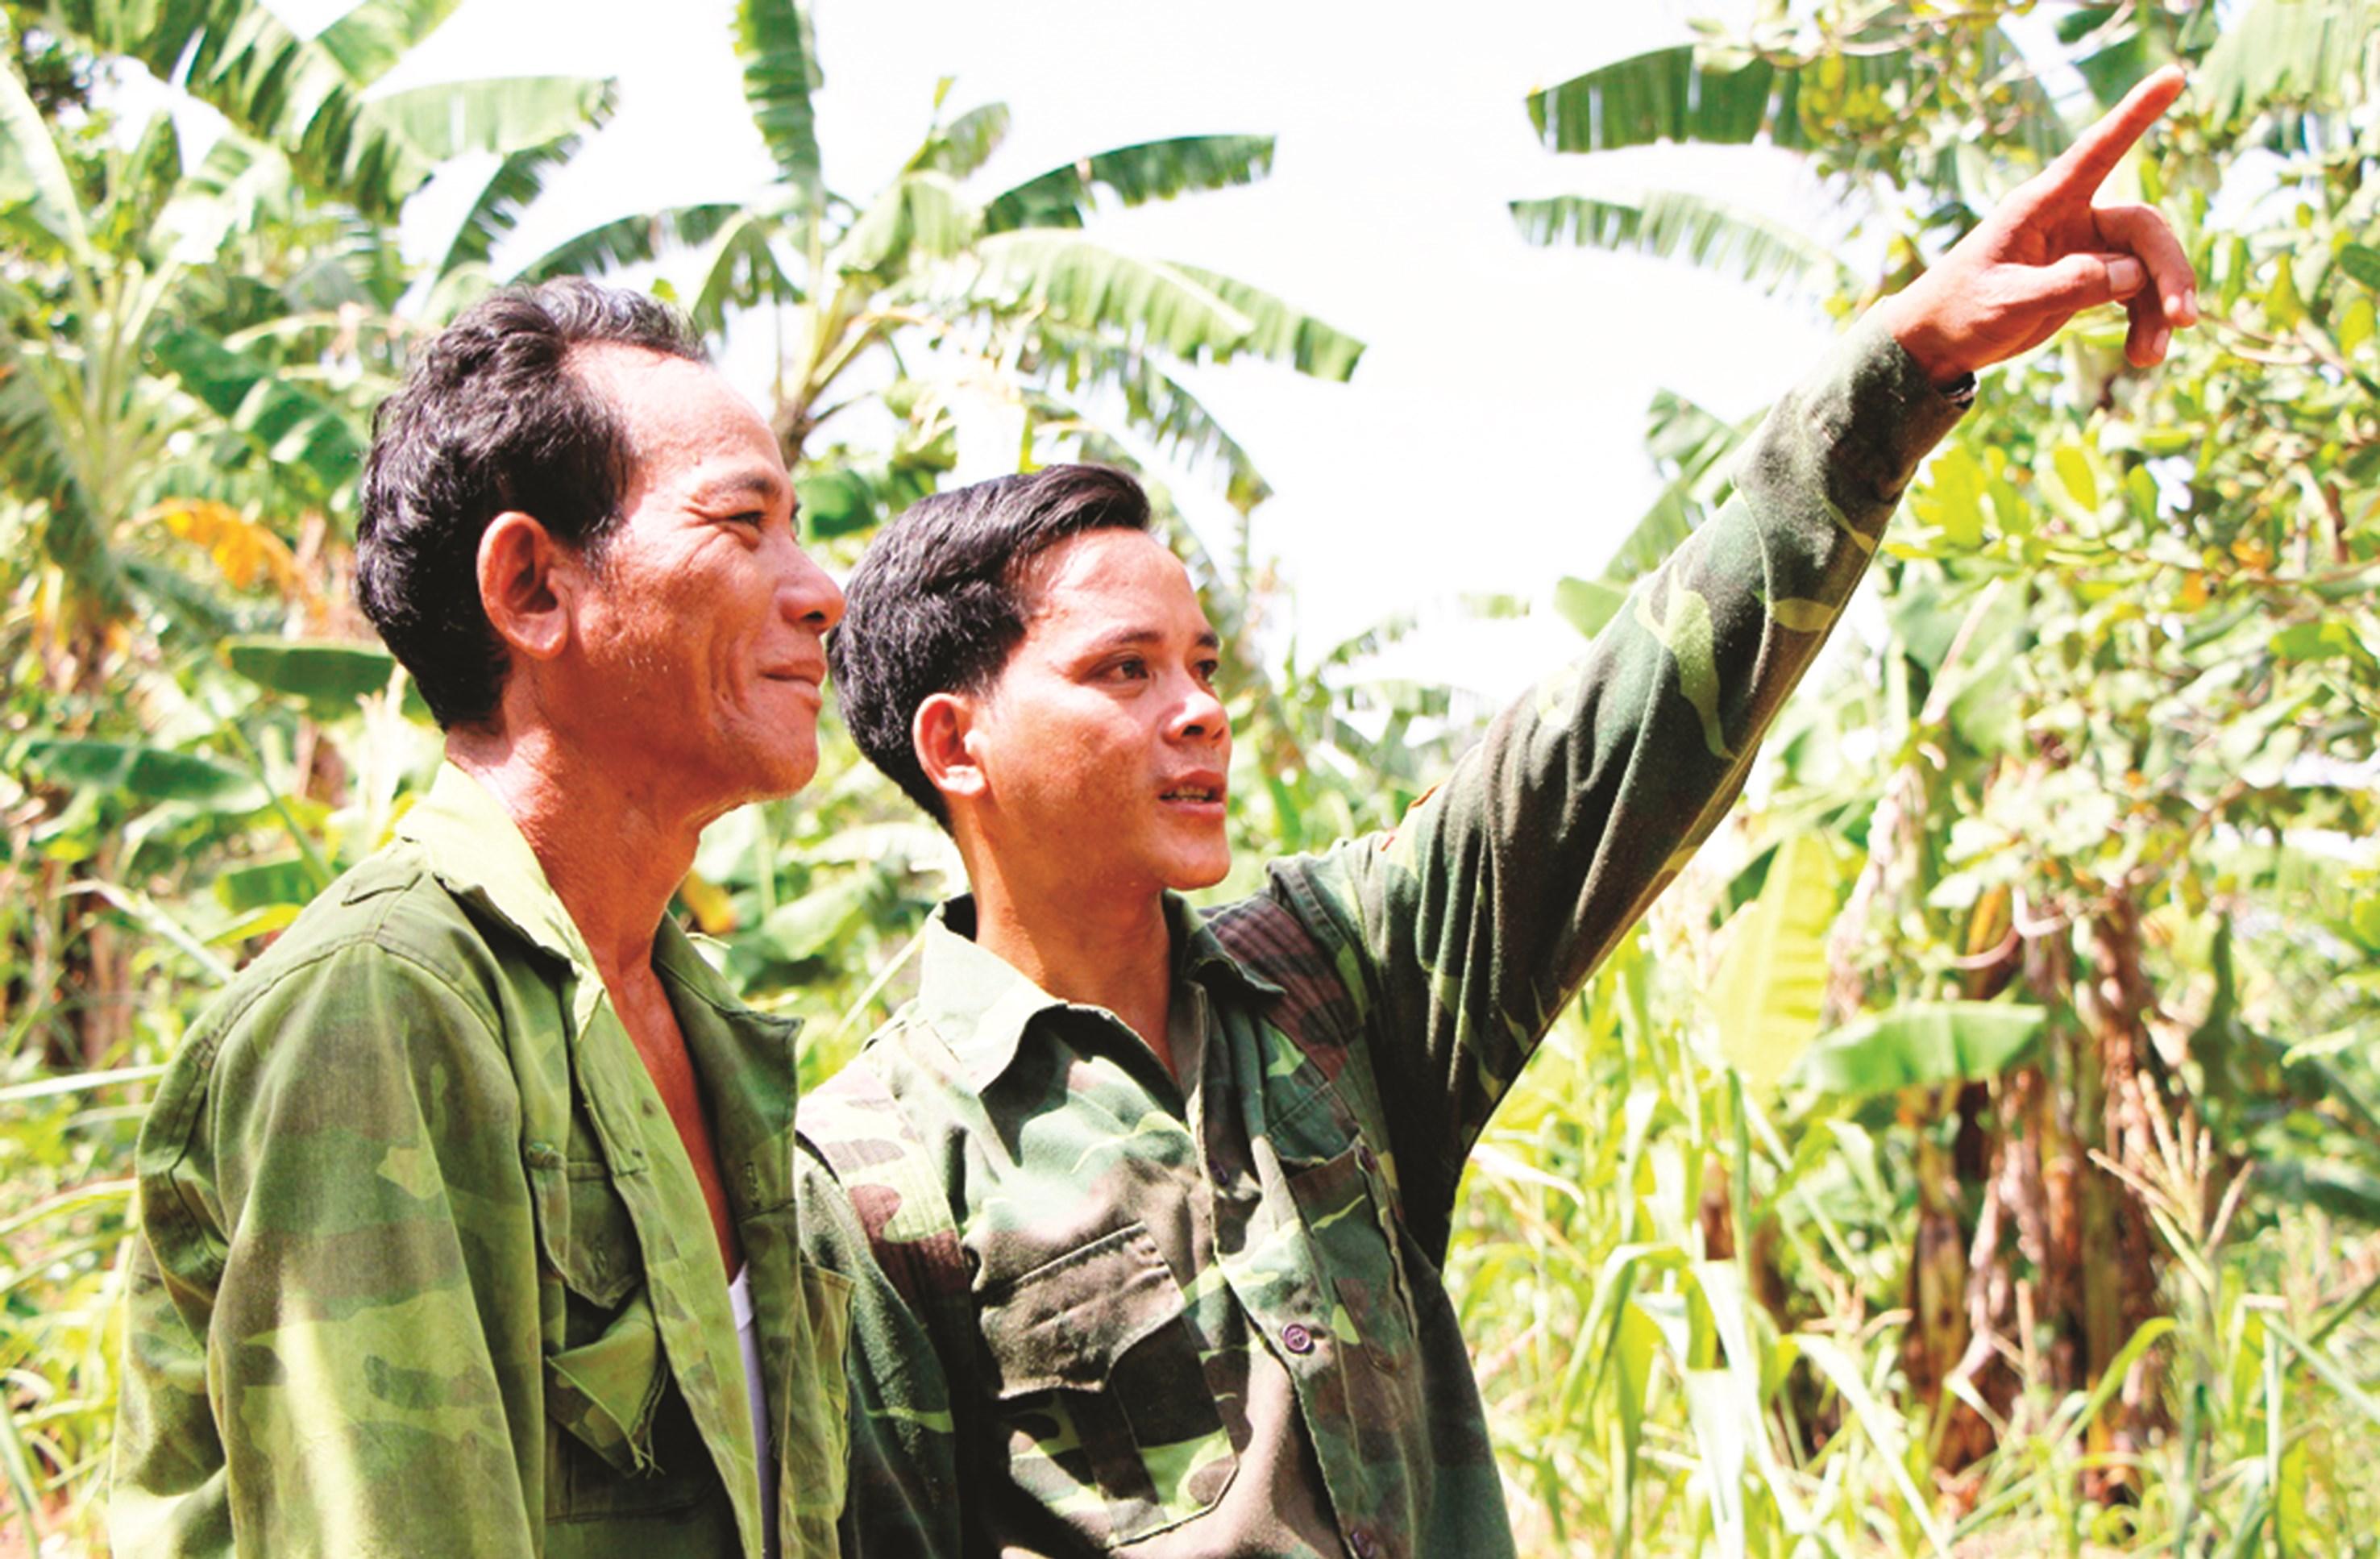 Katơr Kinh (người chỉ tay) đang triển khai phương án bảo vệ rừng tại địa phương.